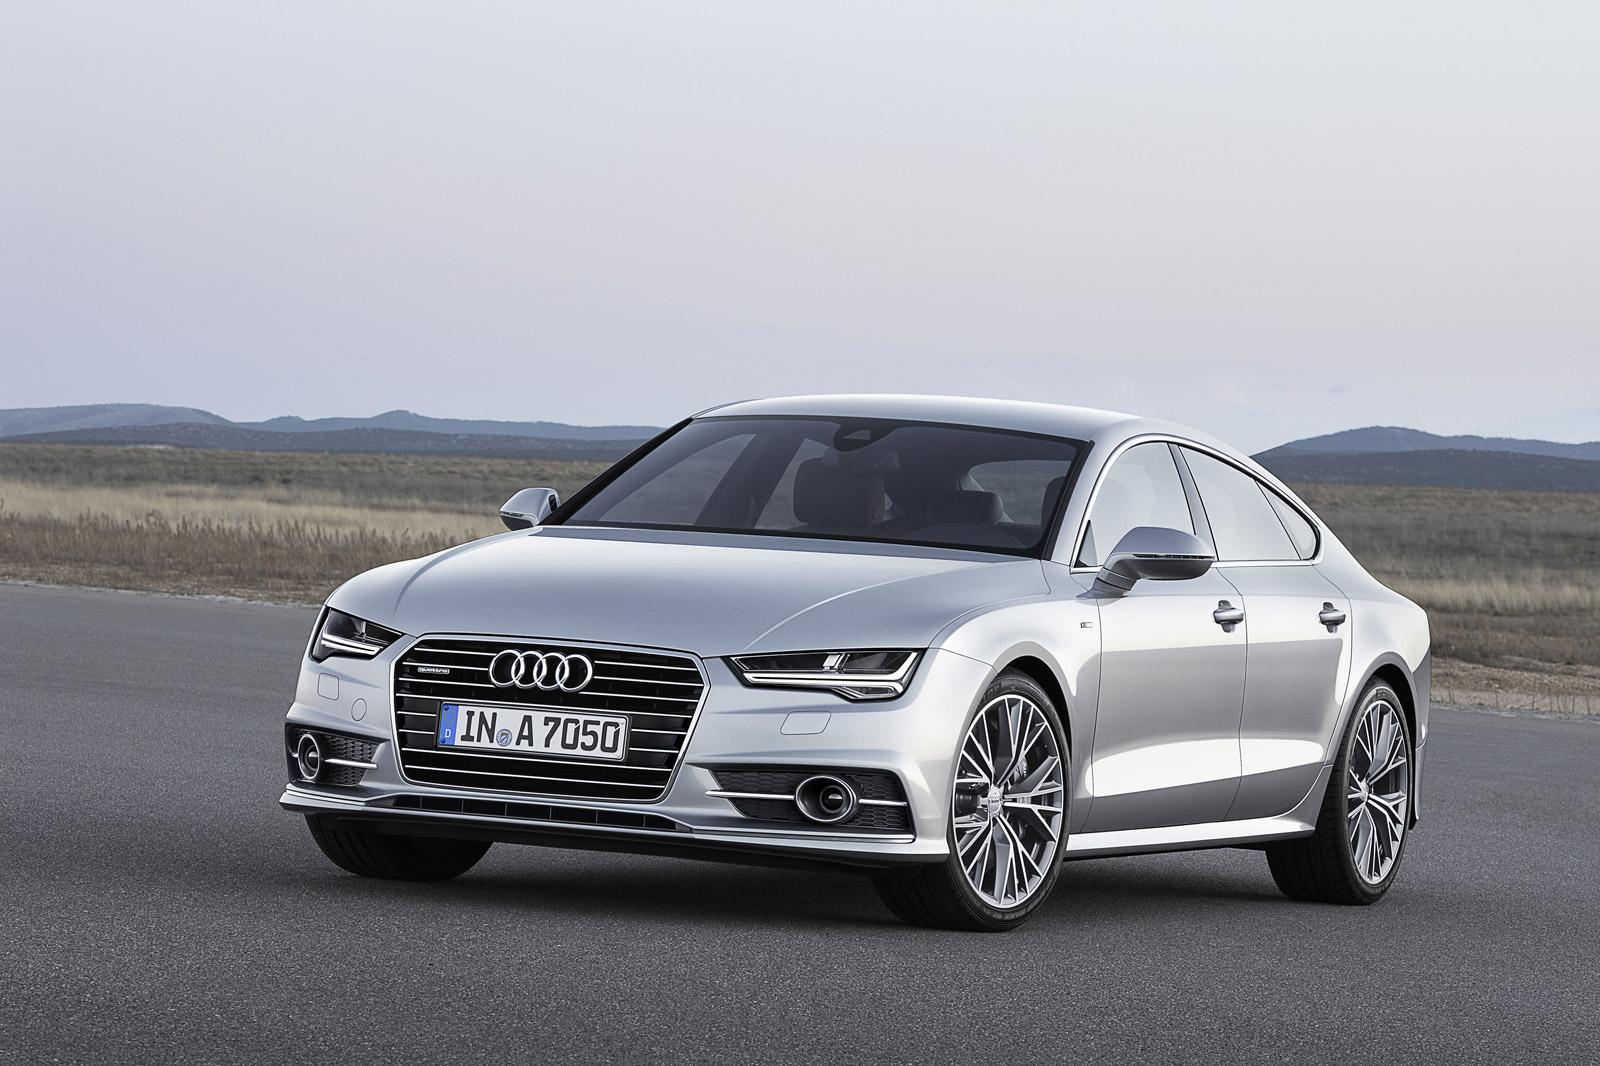 Kekurangan Audi A7 2016 Spesifikasi